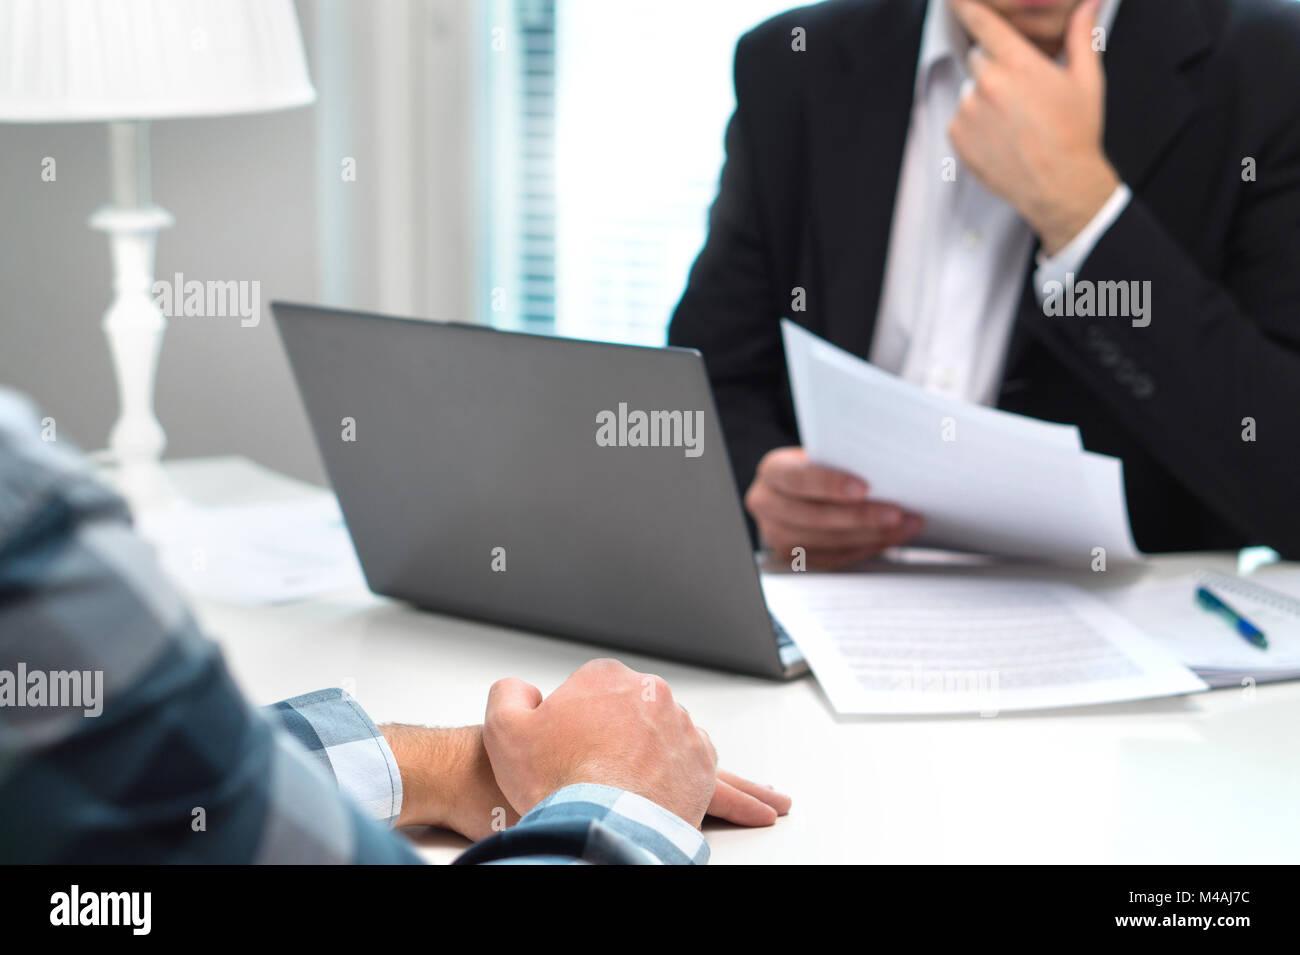 Entrevue d'emploi ou d'une réunion avec des travailleurs de la banque dans le bureau. Compte tenu de Photo Stock